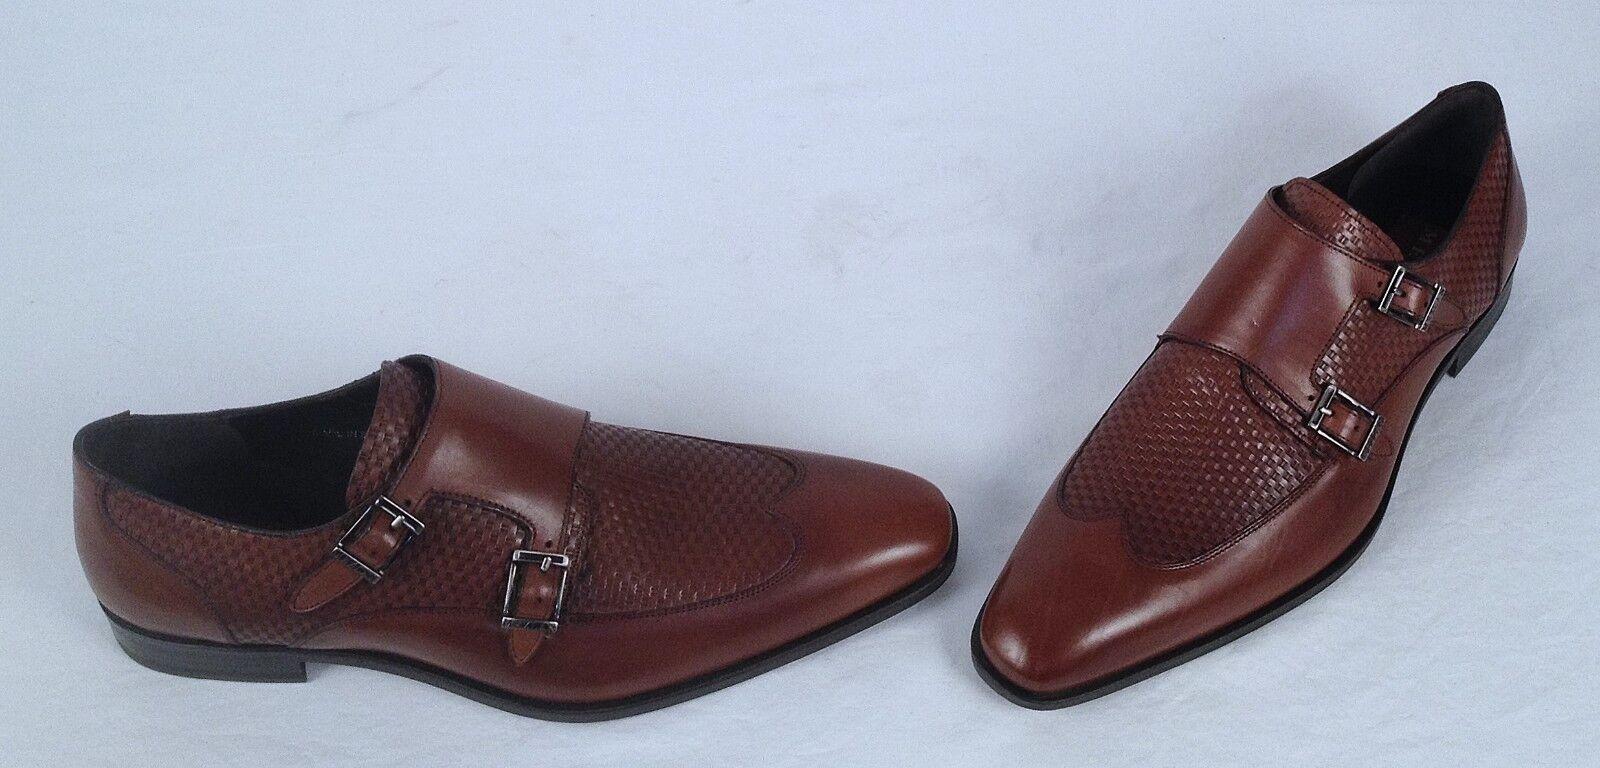 NEW!! Mezlan Woven Vamp Double Monk Strap- Brown- Size 8.5 M   448 (W4)